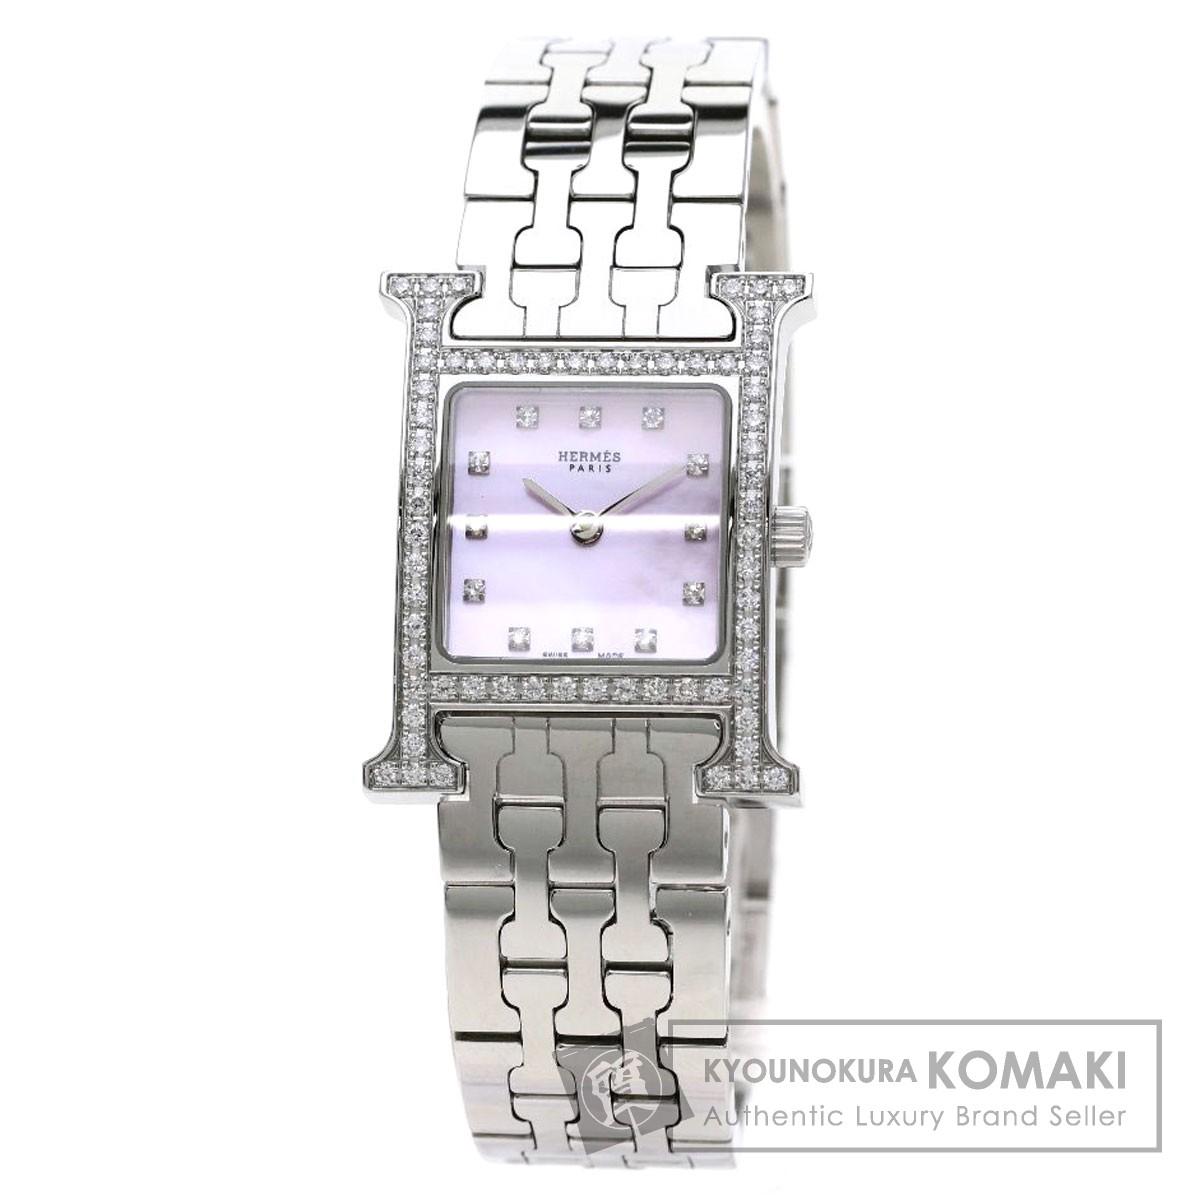 HERMES HH1.230 Hウォッチ 12Pダイヤモンド 腕時計 ステンレススチール/ダイヤモンド レディース 【中古】【エルメス】